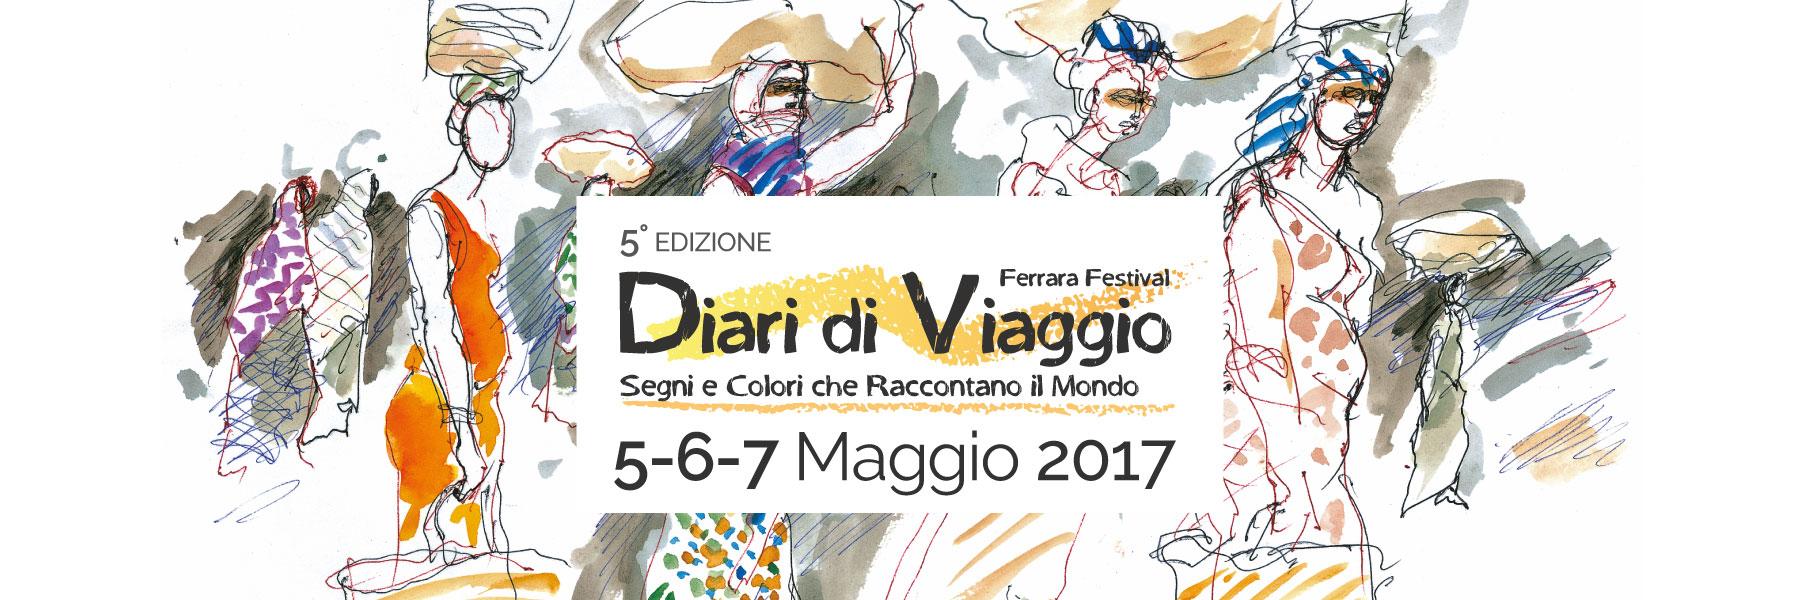 diari-di-viaggio-ferrara-festival-2017